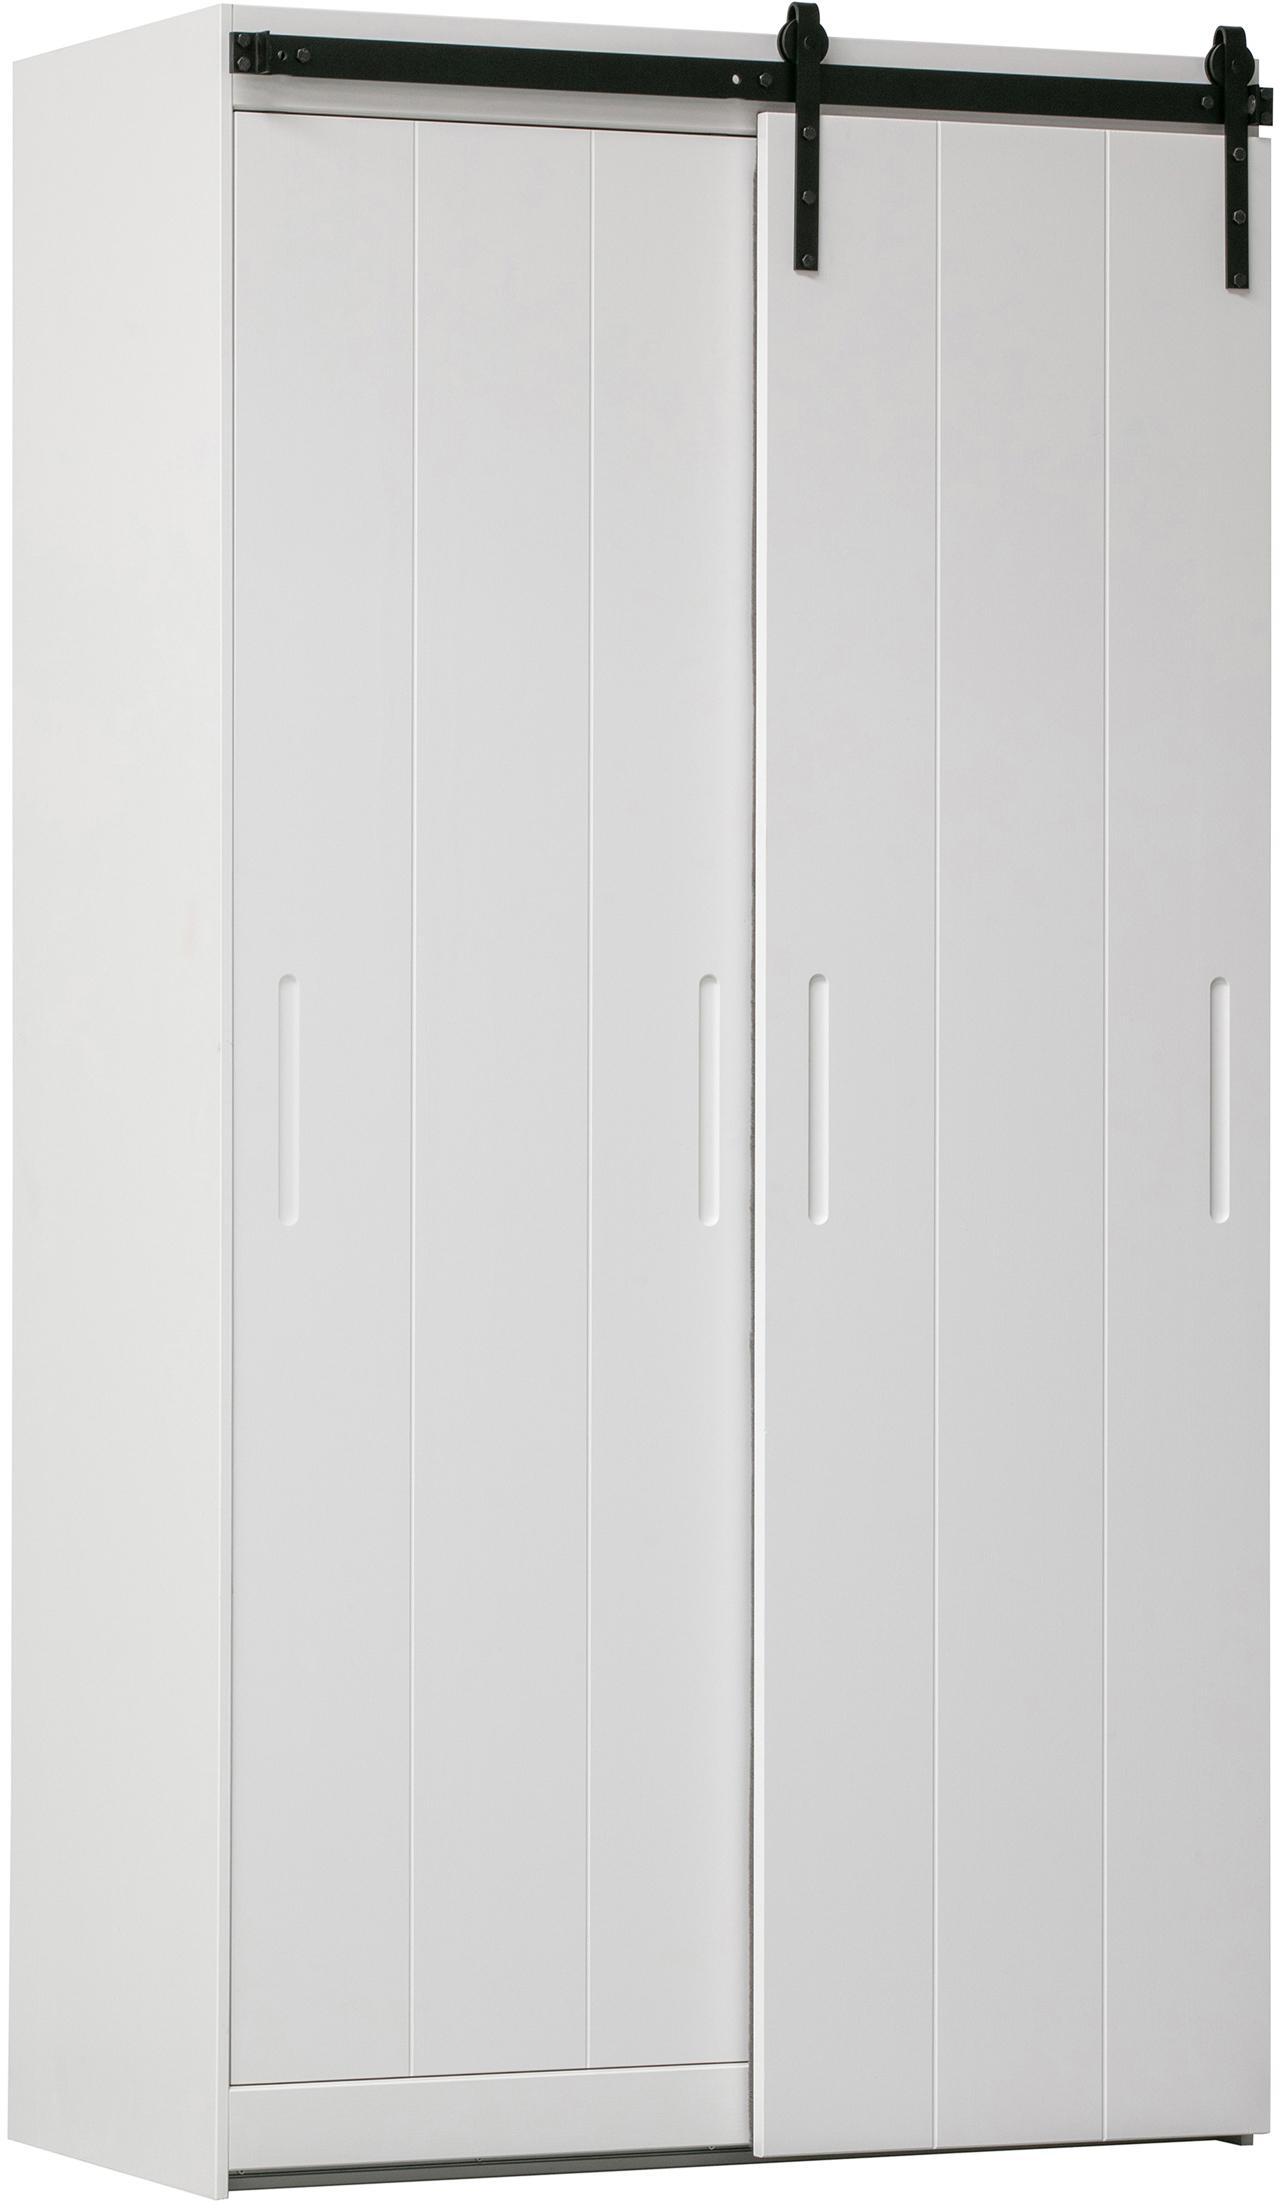 Szafa Luuk, Korpus: drewno sosnowe, lakierowa, Biały, S 115 x W 218 cm